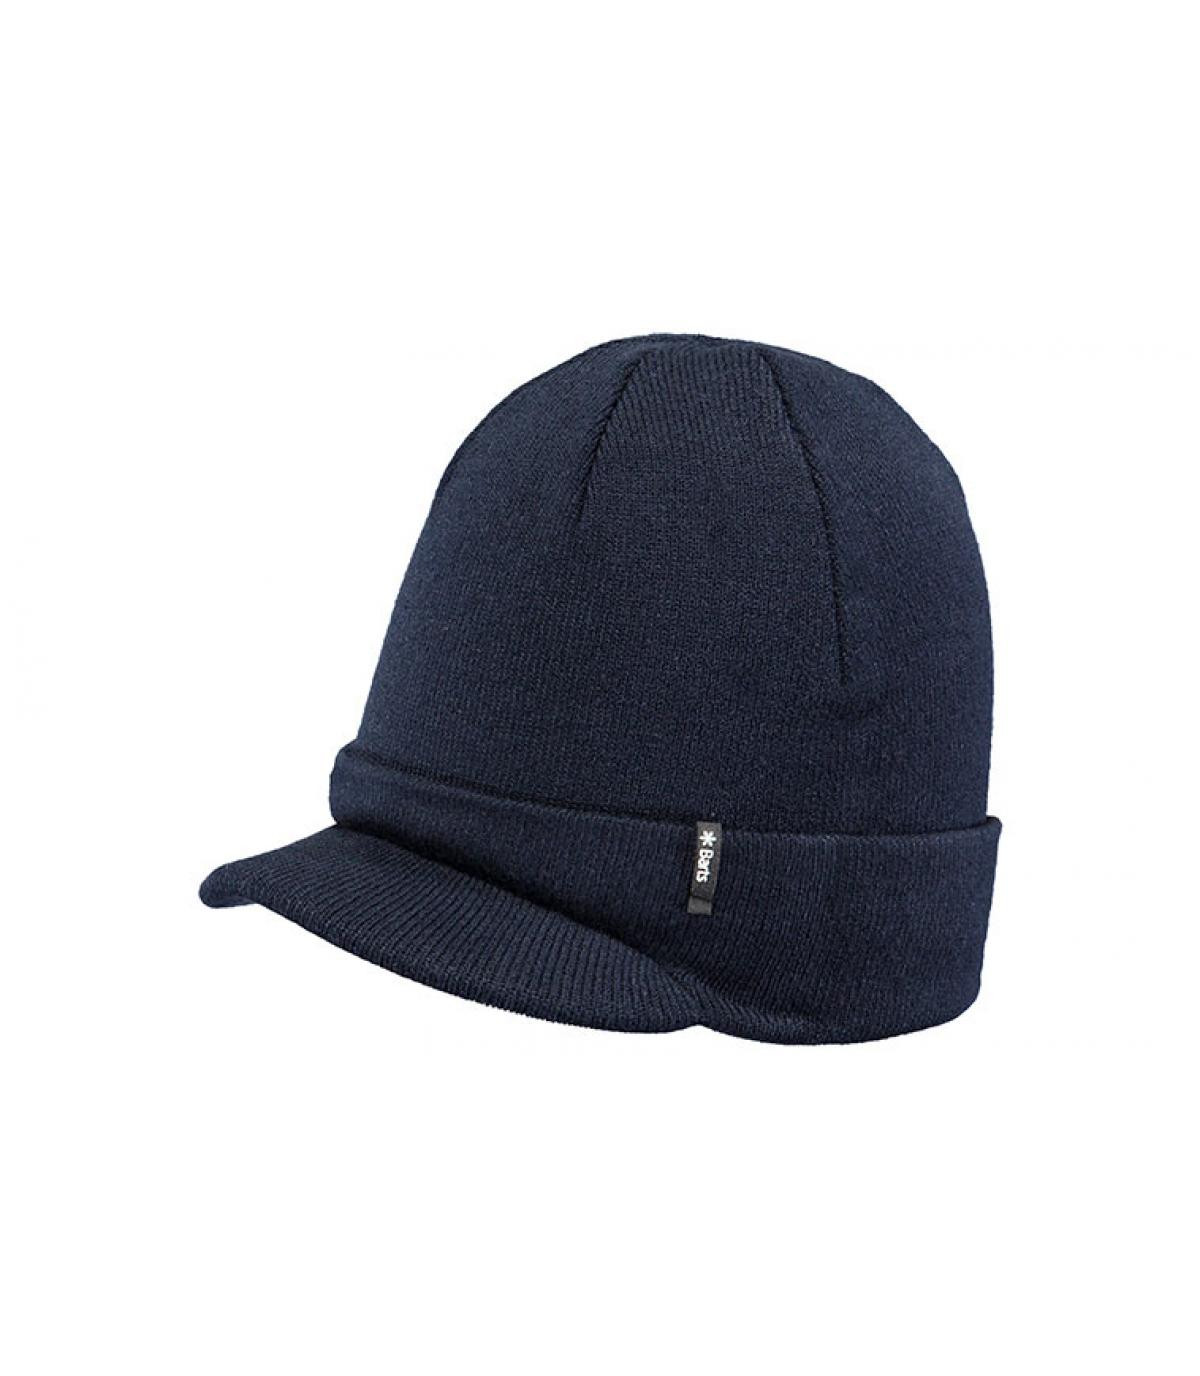 Schirmmütze marineblau